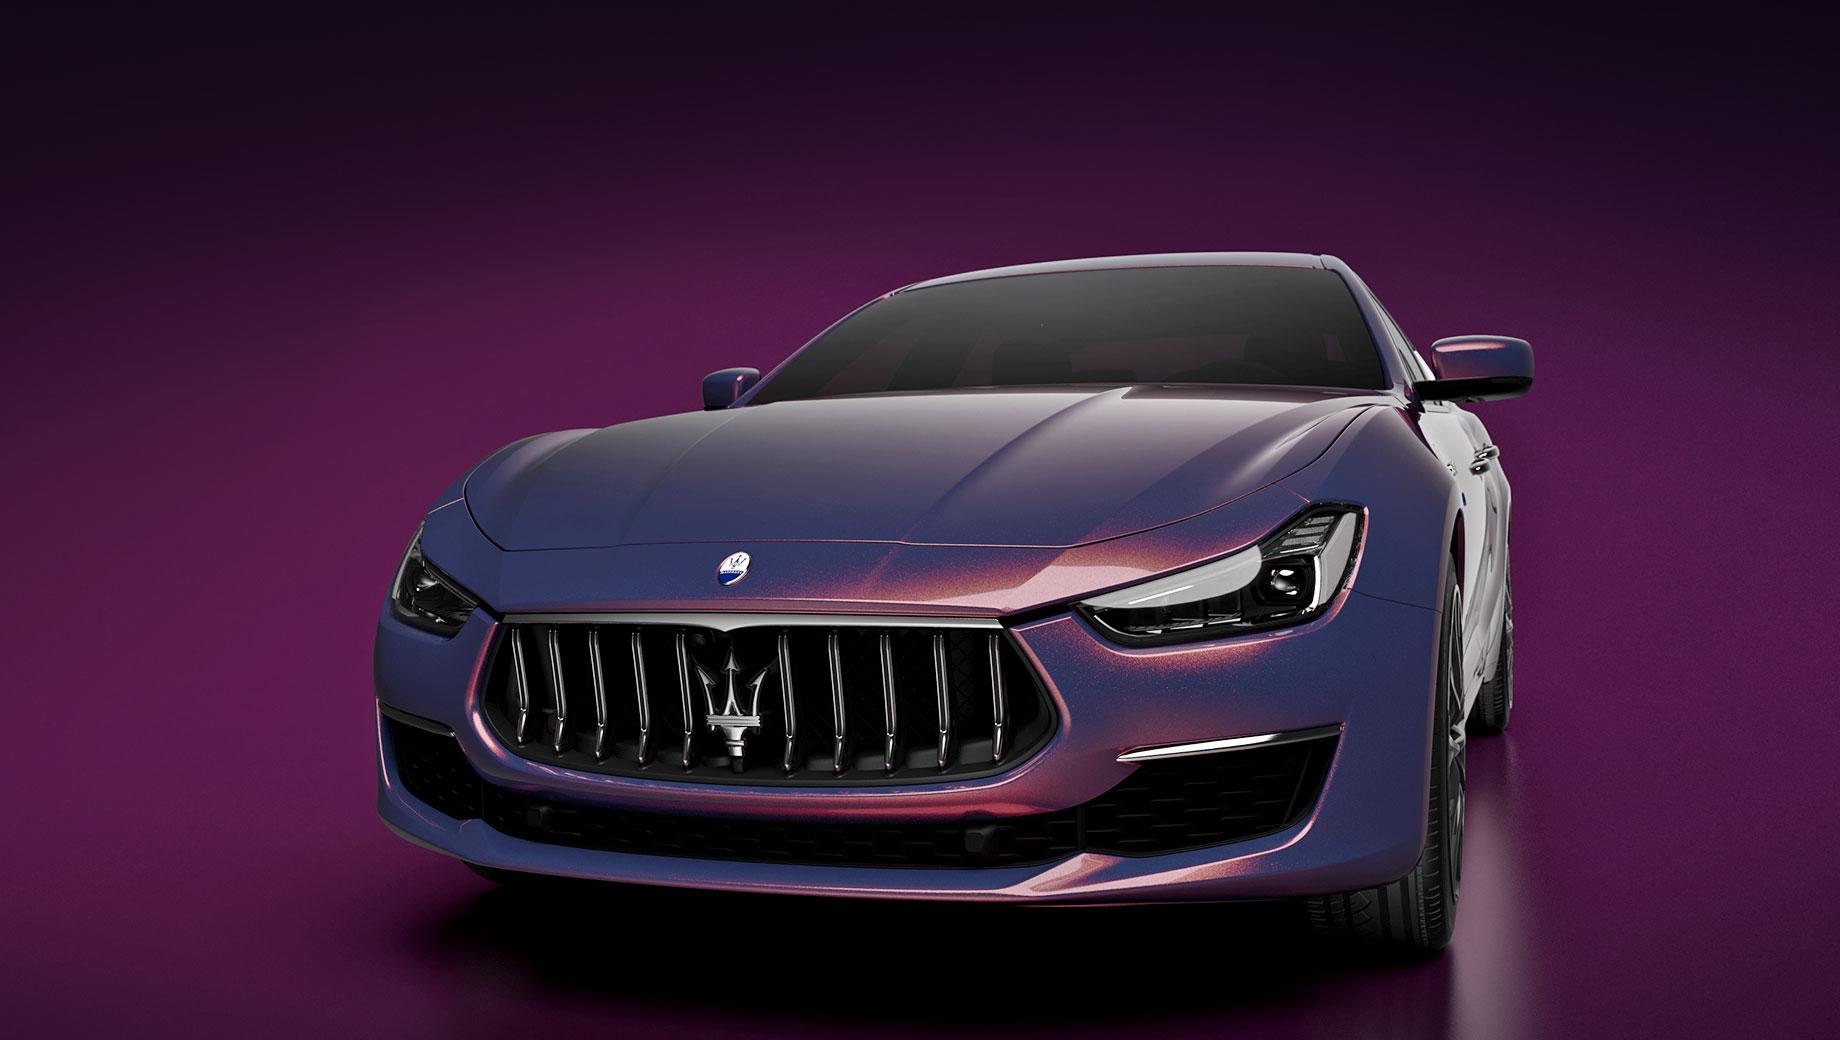 Maserati ghibli,Maserati ghibli hybrid. Умеренный гибрид Maserati Ghibli выдаёт в Китае те же 330 л.с., 450 Н•м, что и в Италии. Заднеприводный седан разменивает сотню за 5,7 с и достигает максималки в 255 км/ч. Цены в КНР начинаются с 729 200 юаней (8,36 млн рублей).